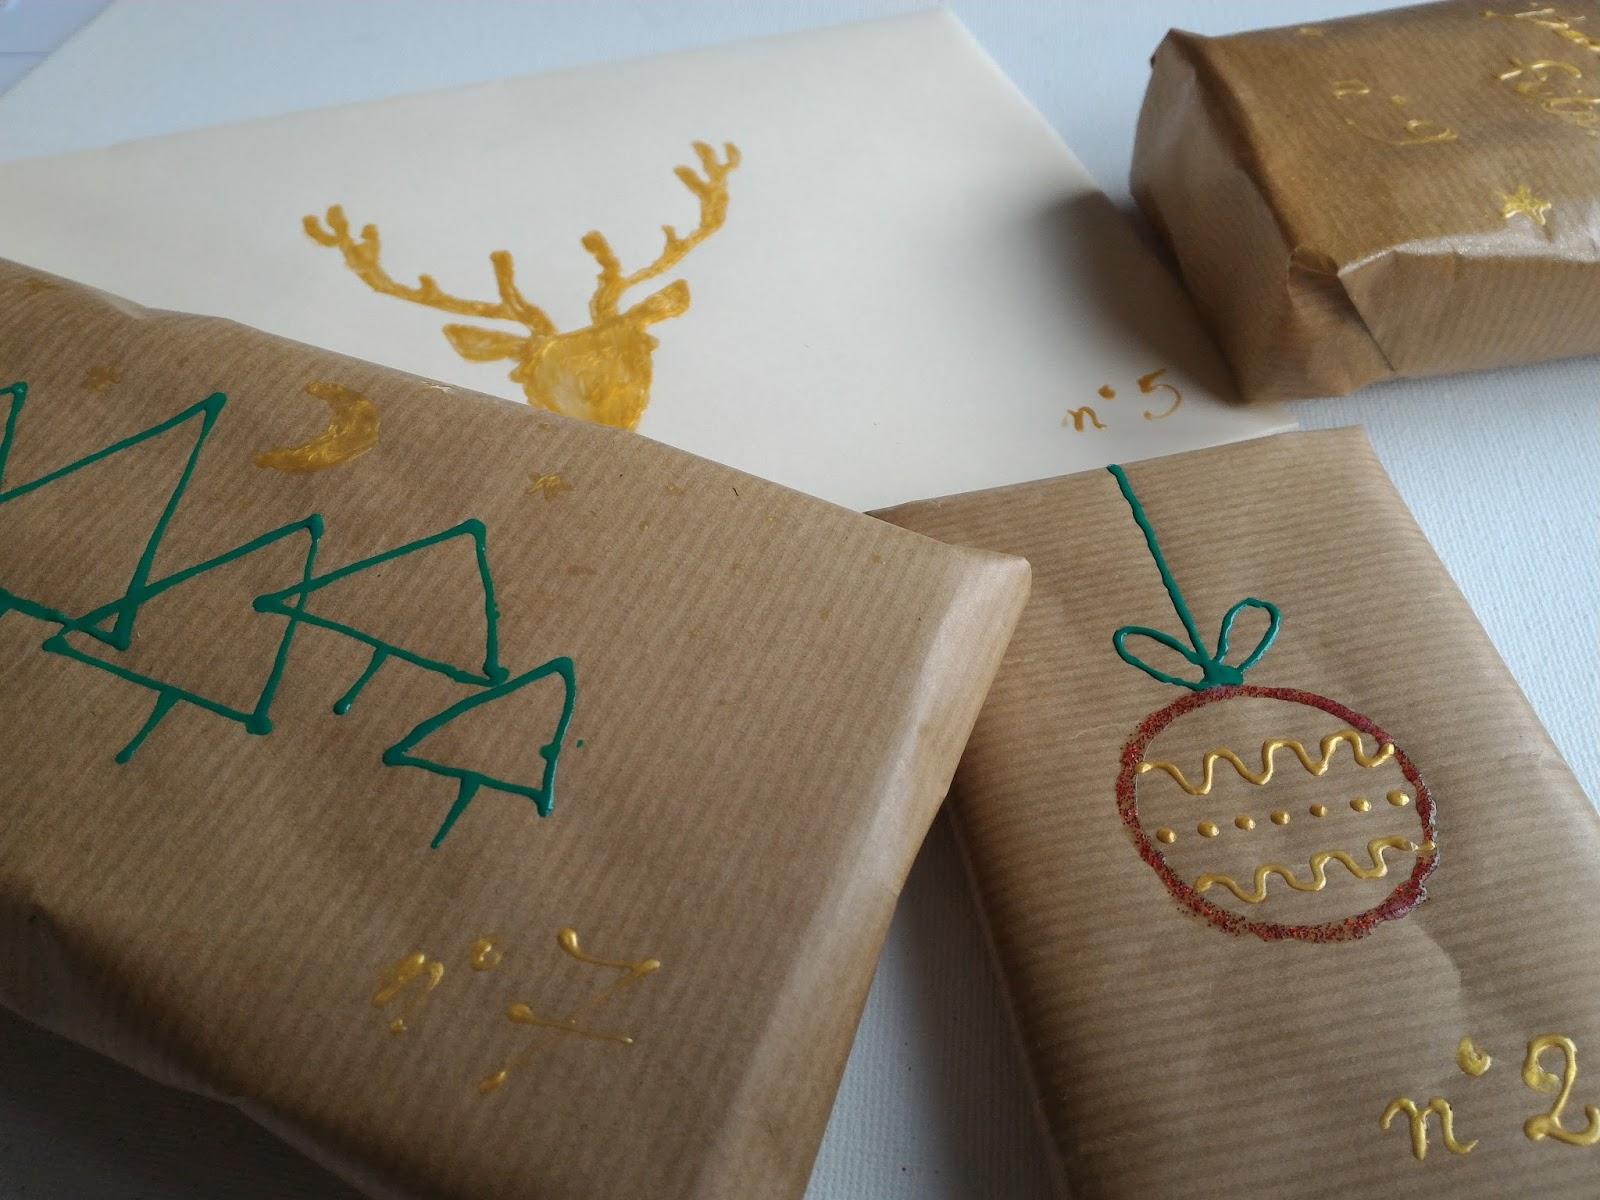 Chagaz 39 et vous diy tuto cartes de voeux fait mains et emballage cadeau avec pebeo - Tuto carte de voeux ...